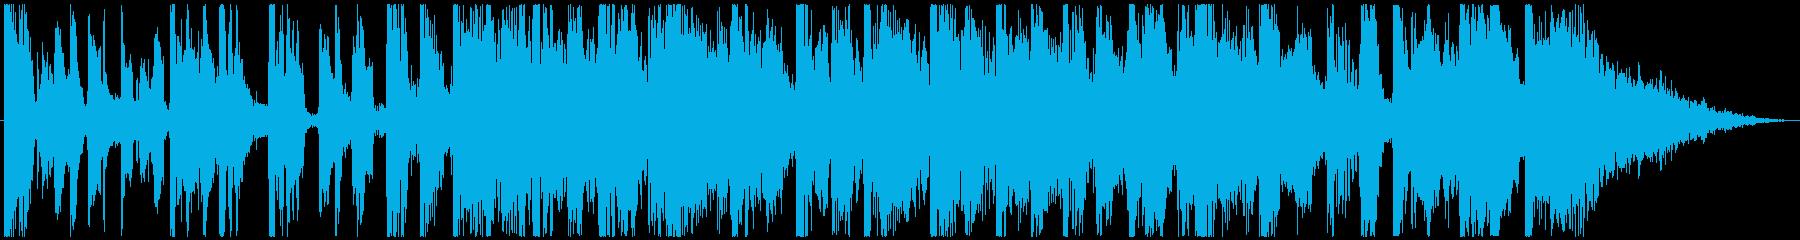 【ボーカルなし】楽しいファンクの再生済みの波形